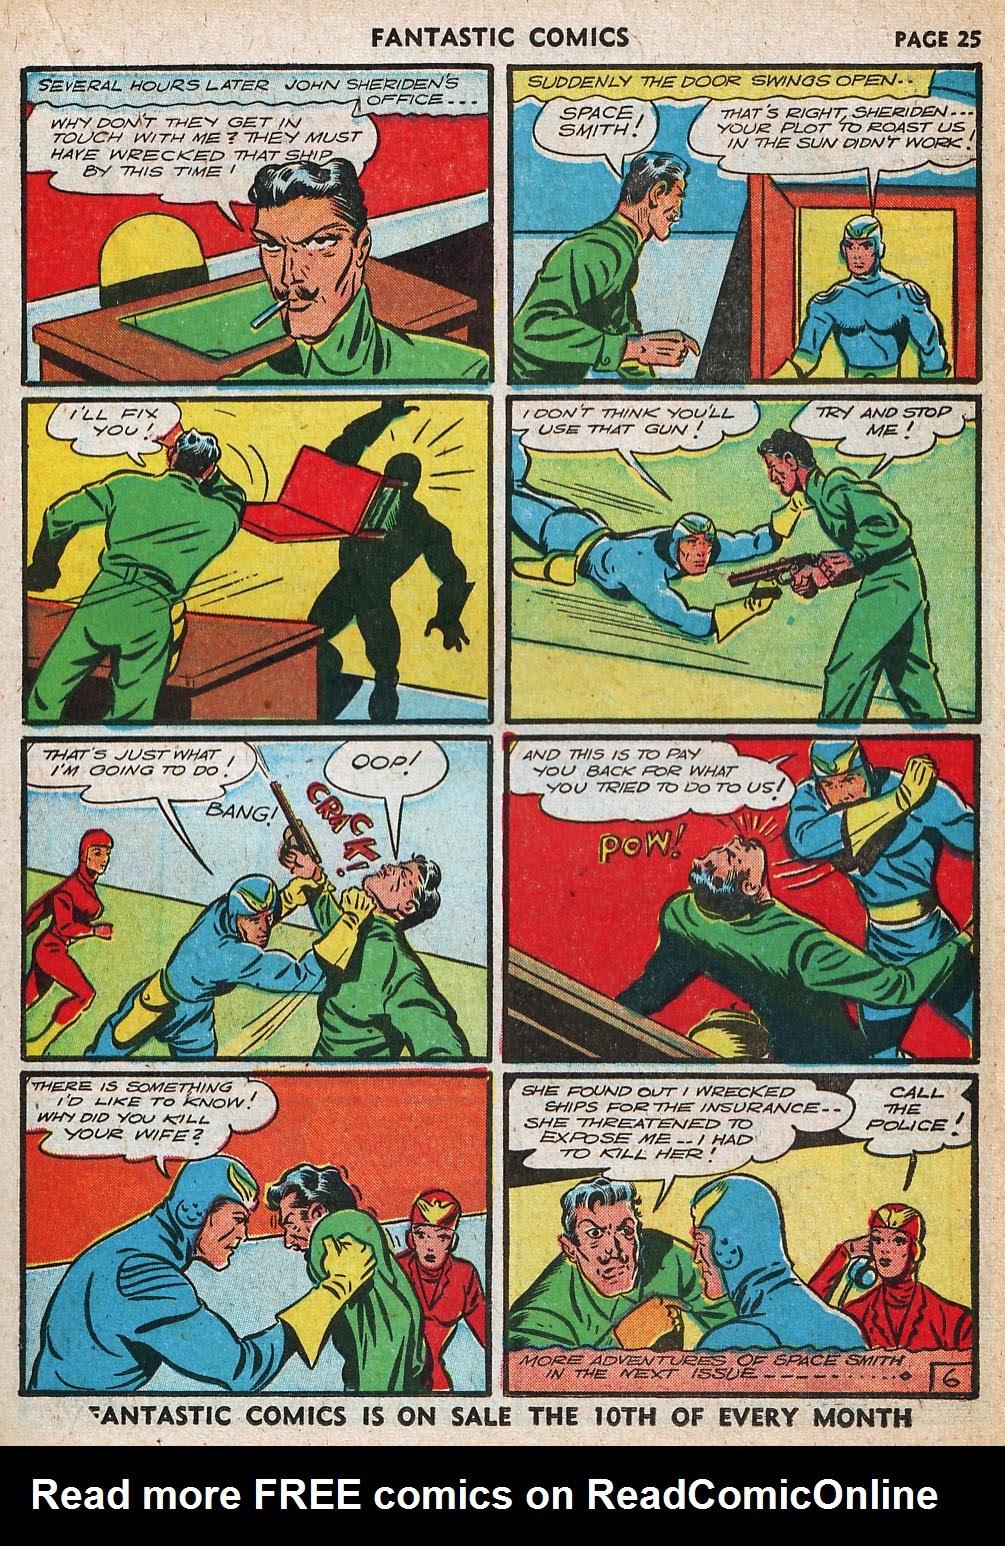 Read online Fantastic Comics comic -  Issue #20 - 26